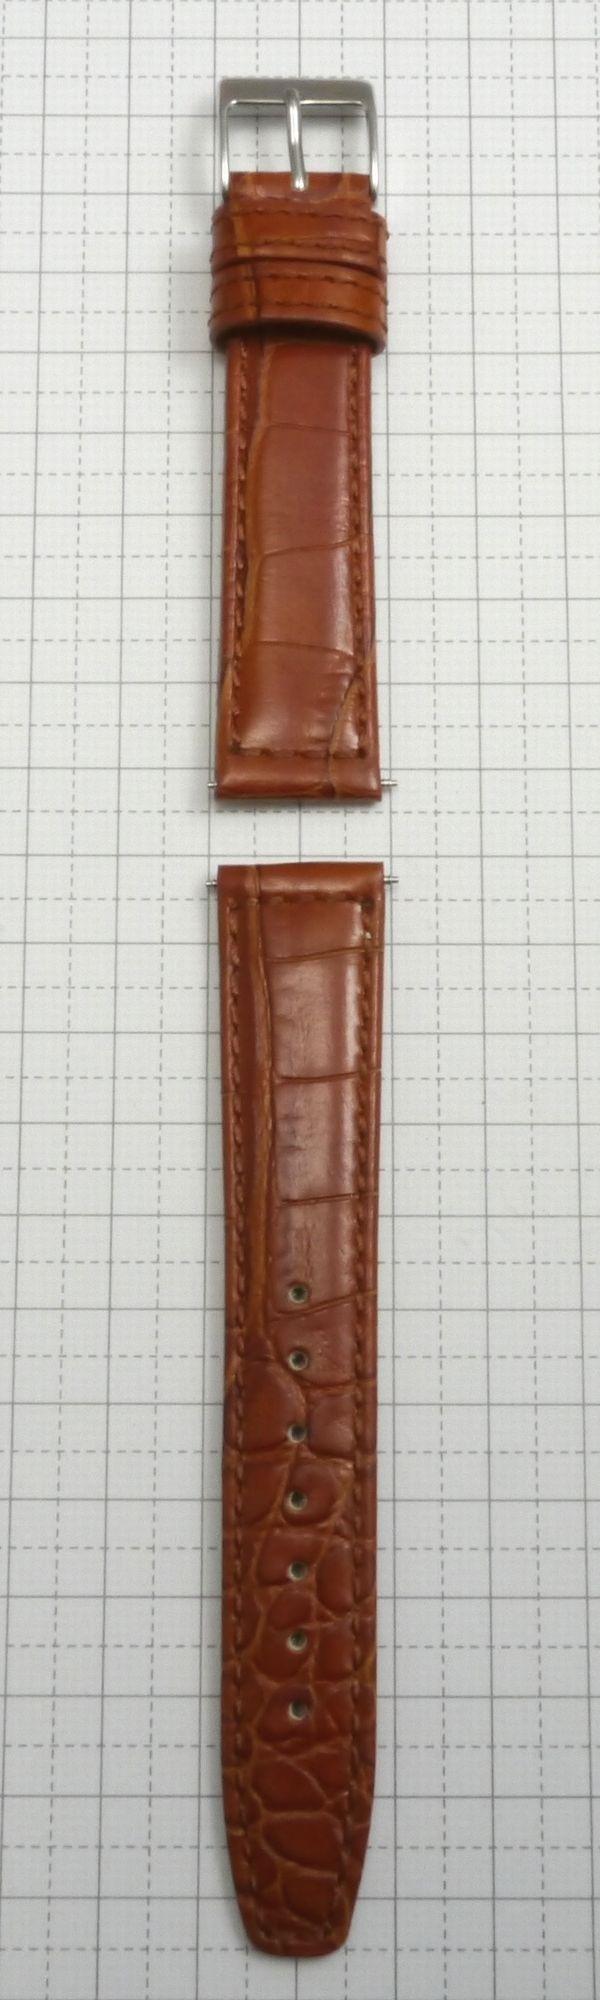 革ベルト A12